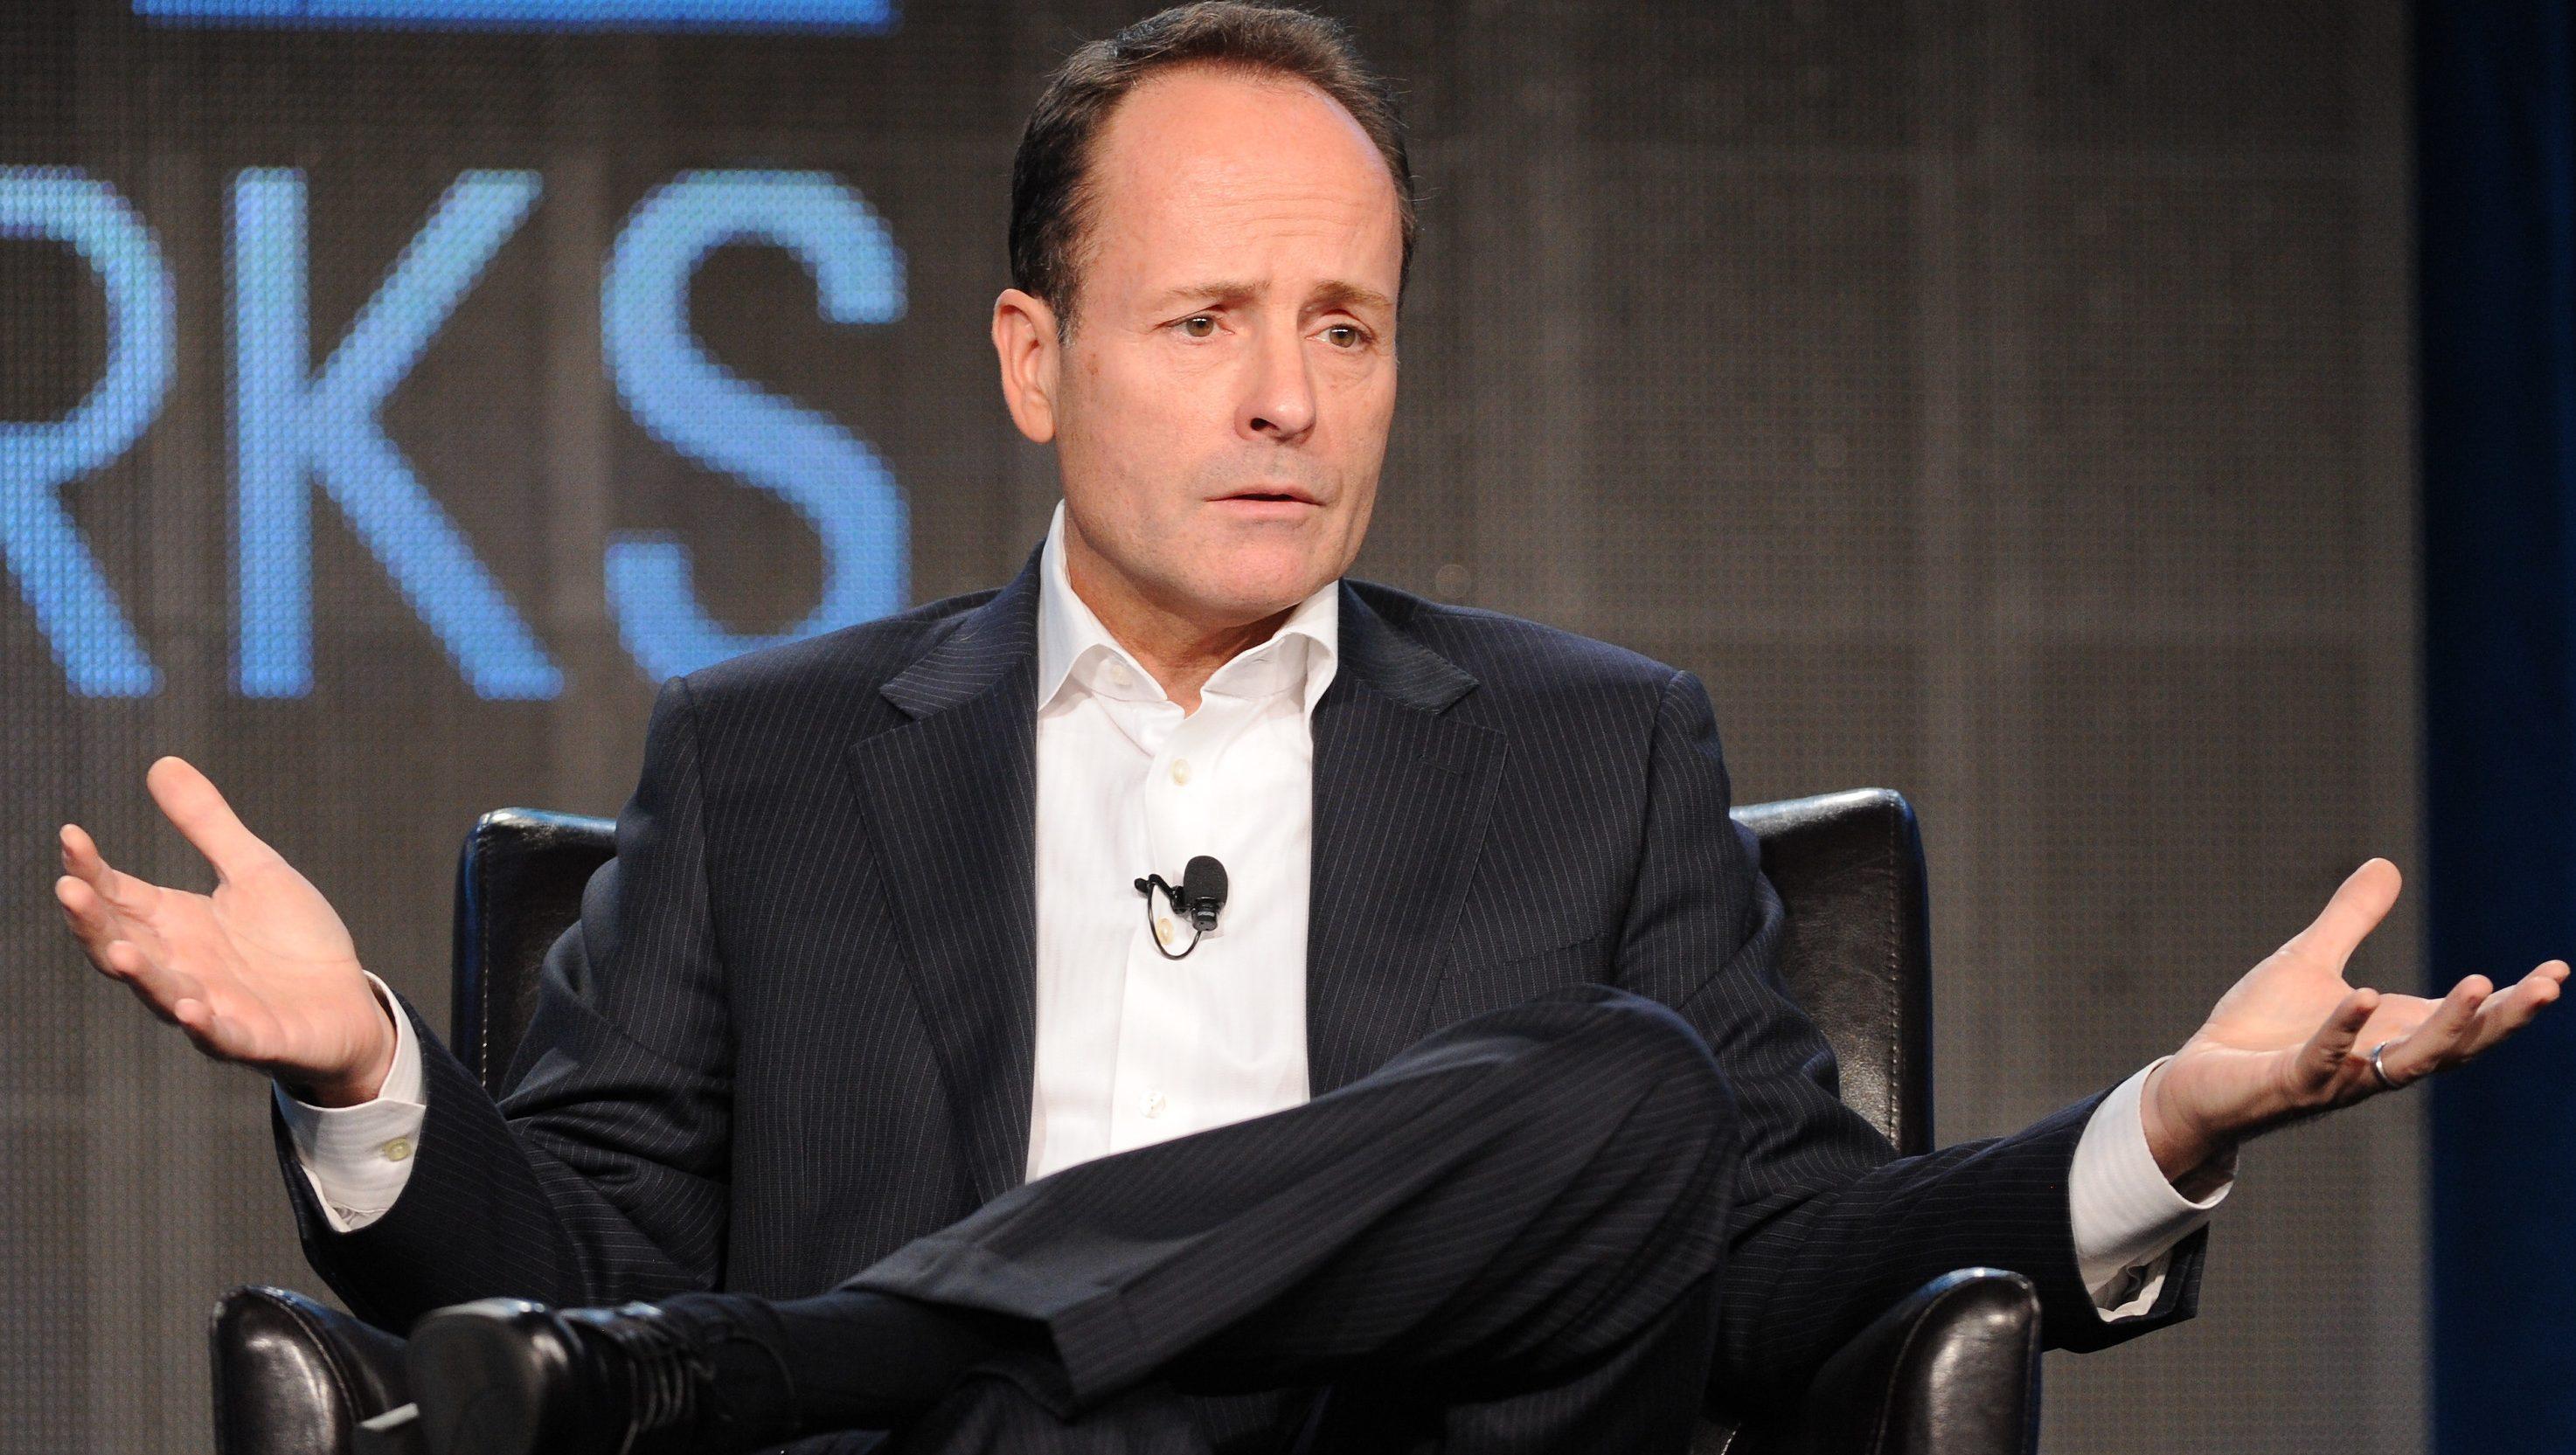 John Landgraf FX CEO